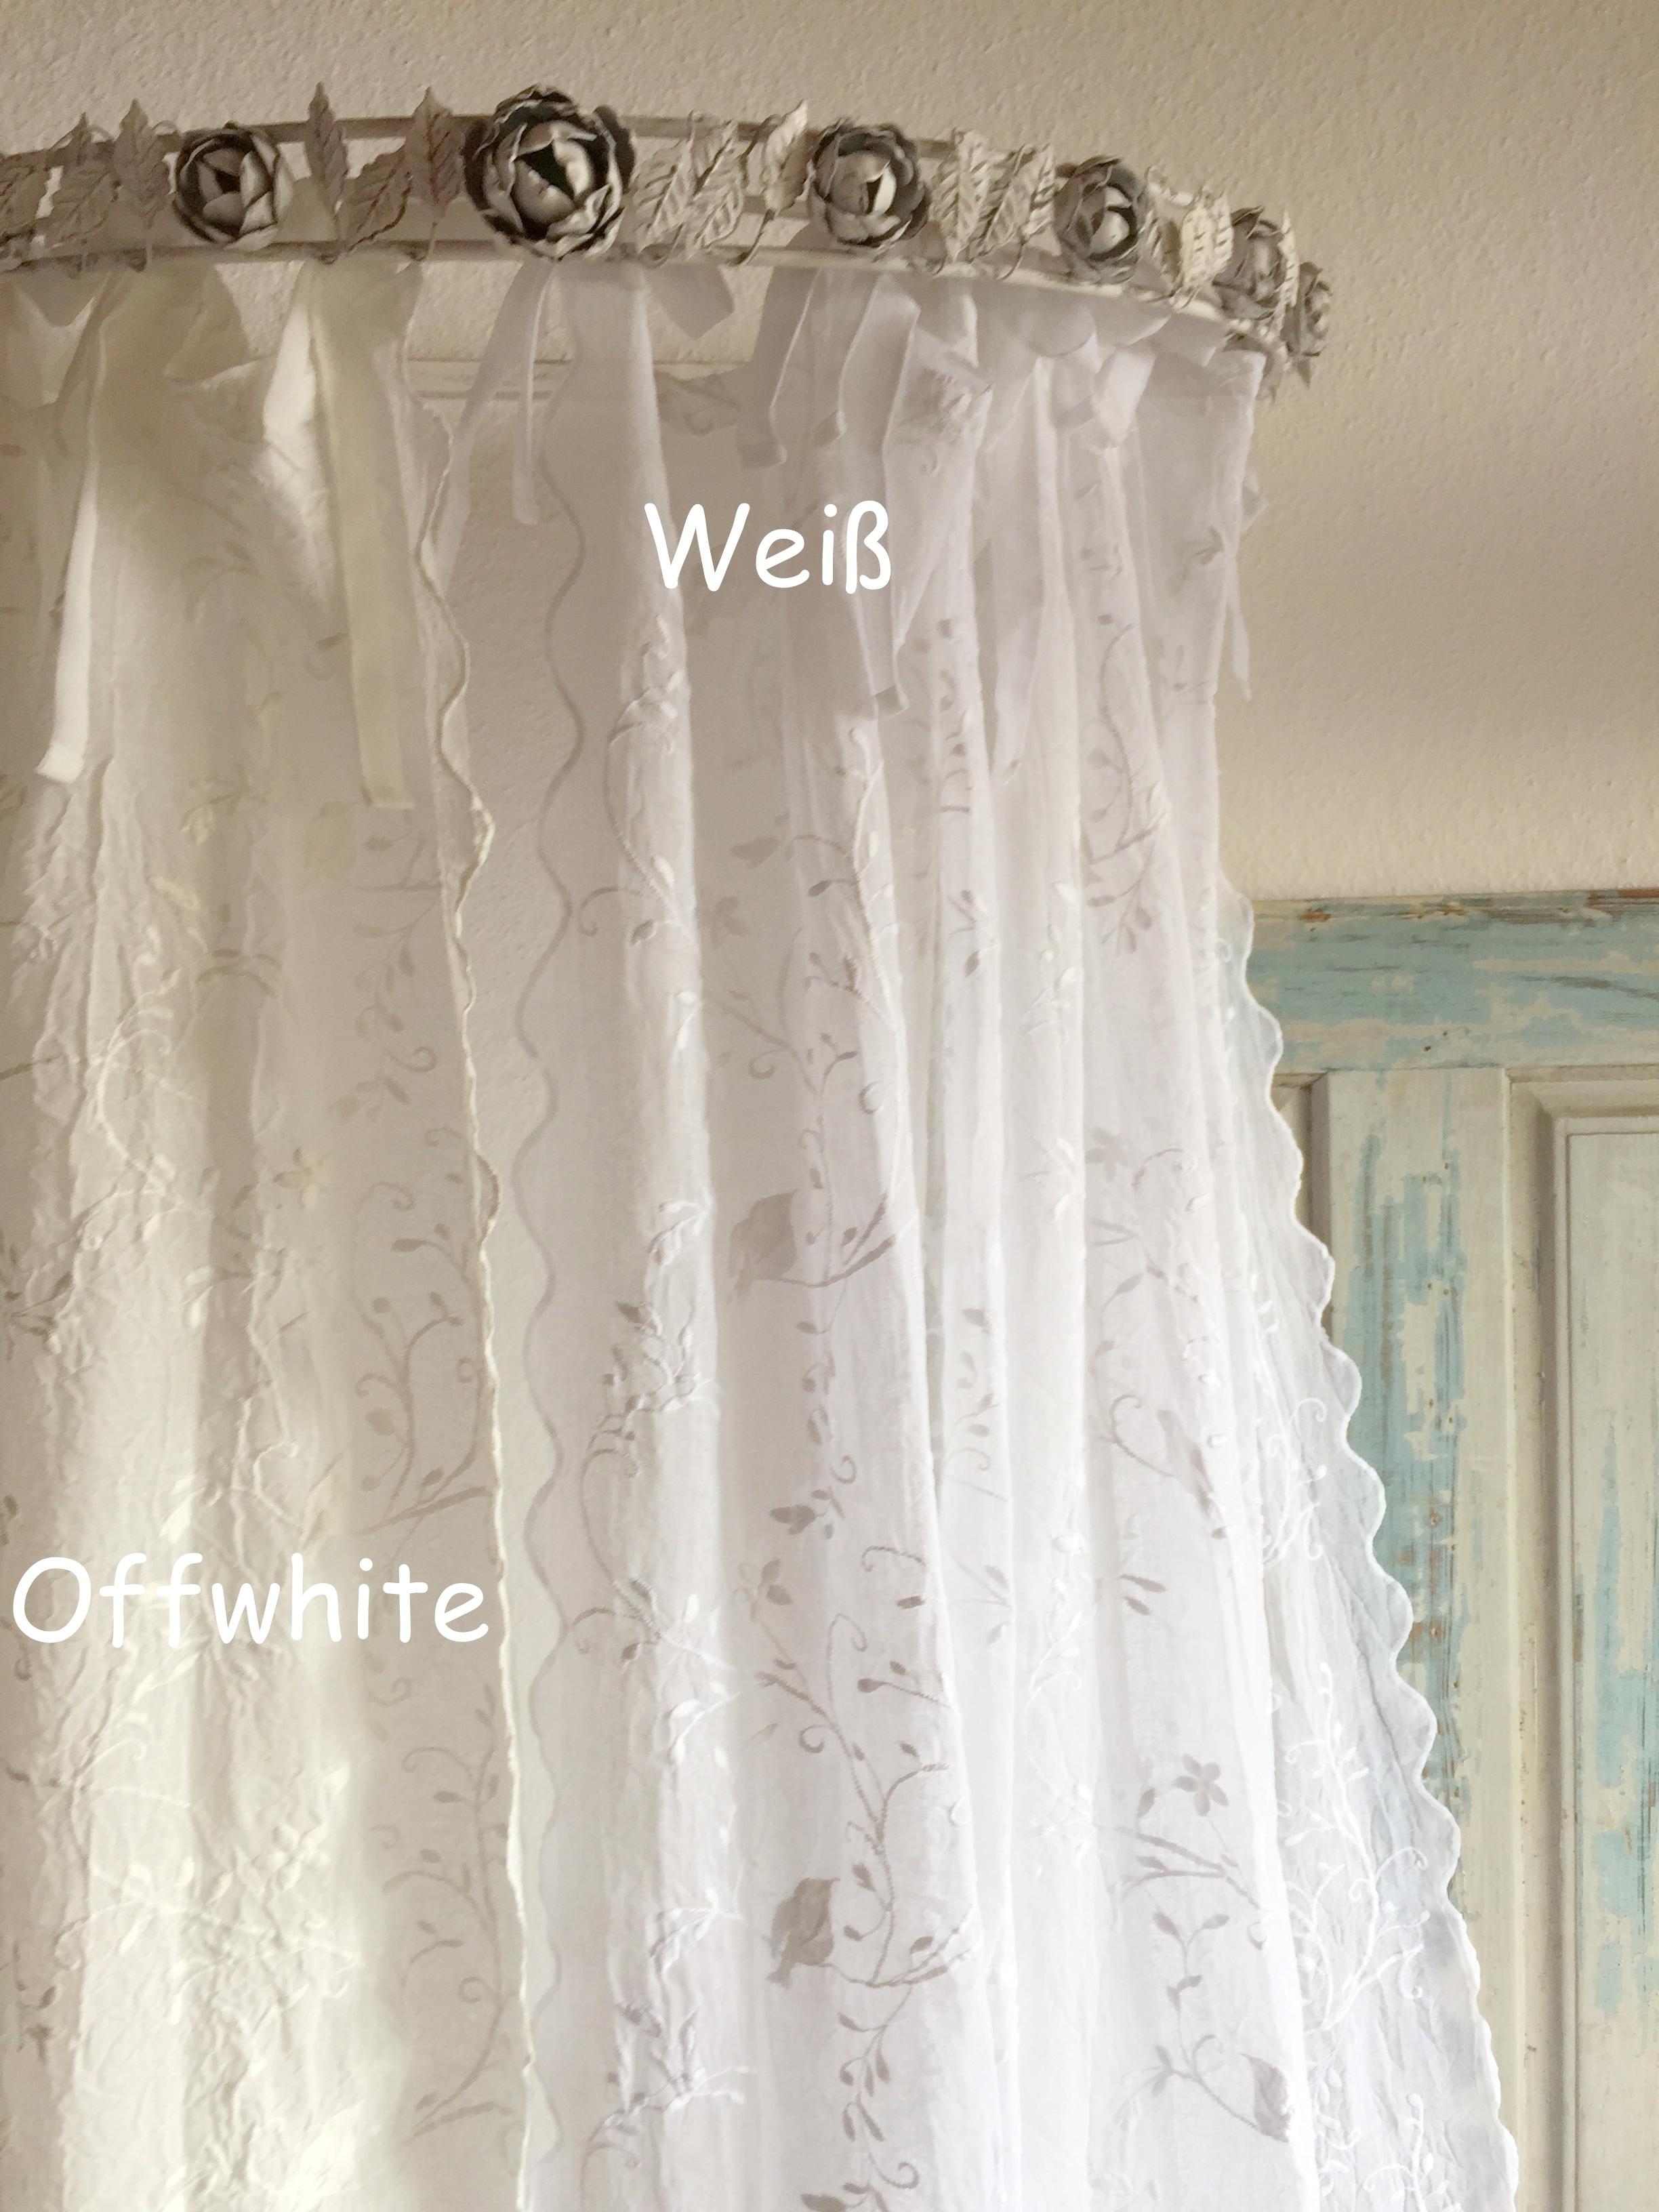 gardinen schal bird bestickt offwhite 200x250 oder 200x300 cm shabby vintage landhaus spitzen. Black Bedroom Furniture Sets. Home Design Ideas